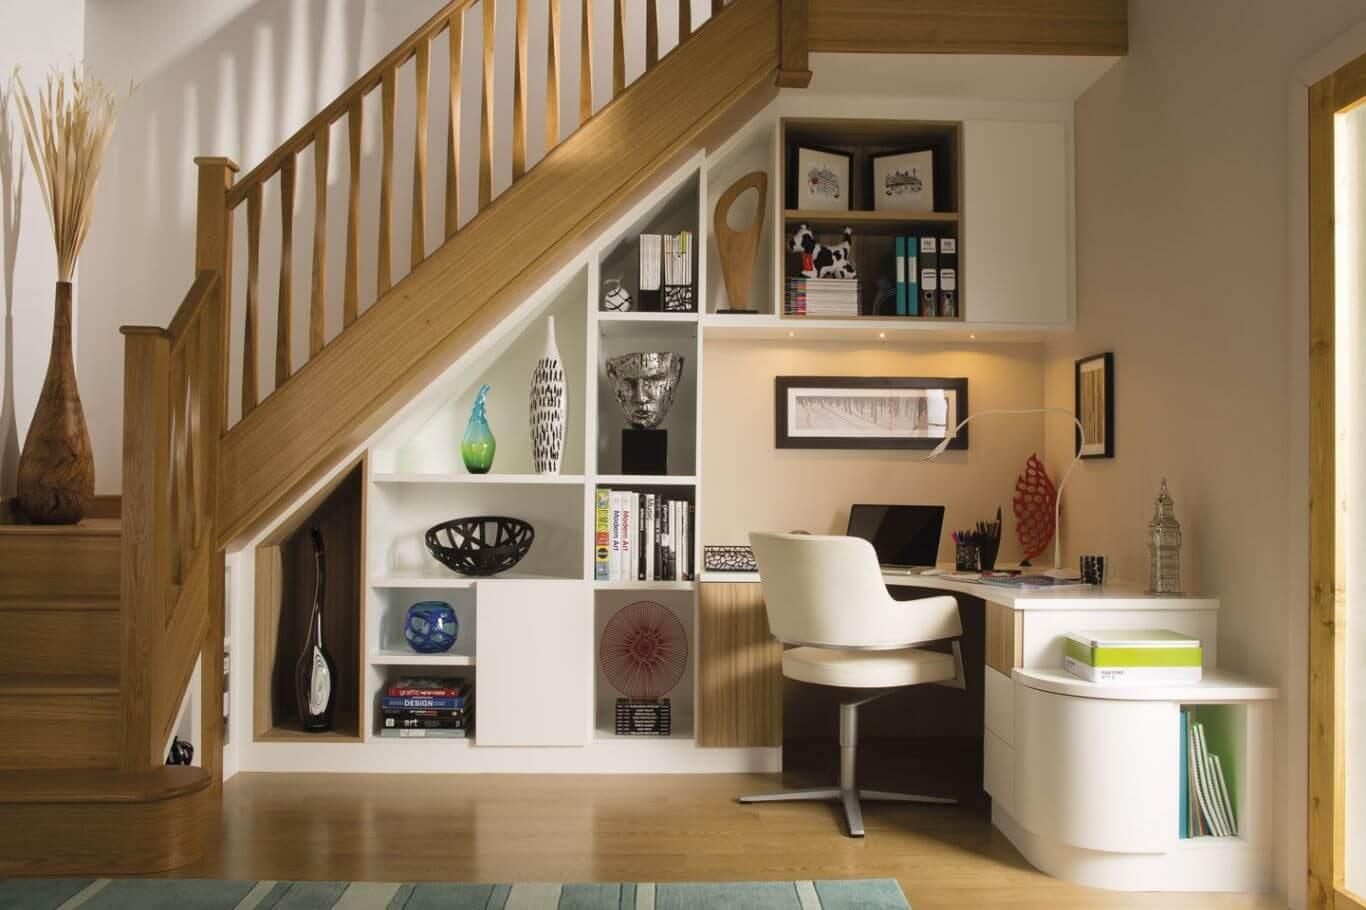 того, места хранения под лестницей фото намного